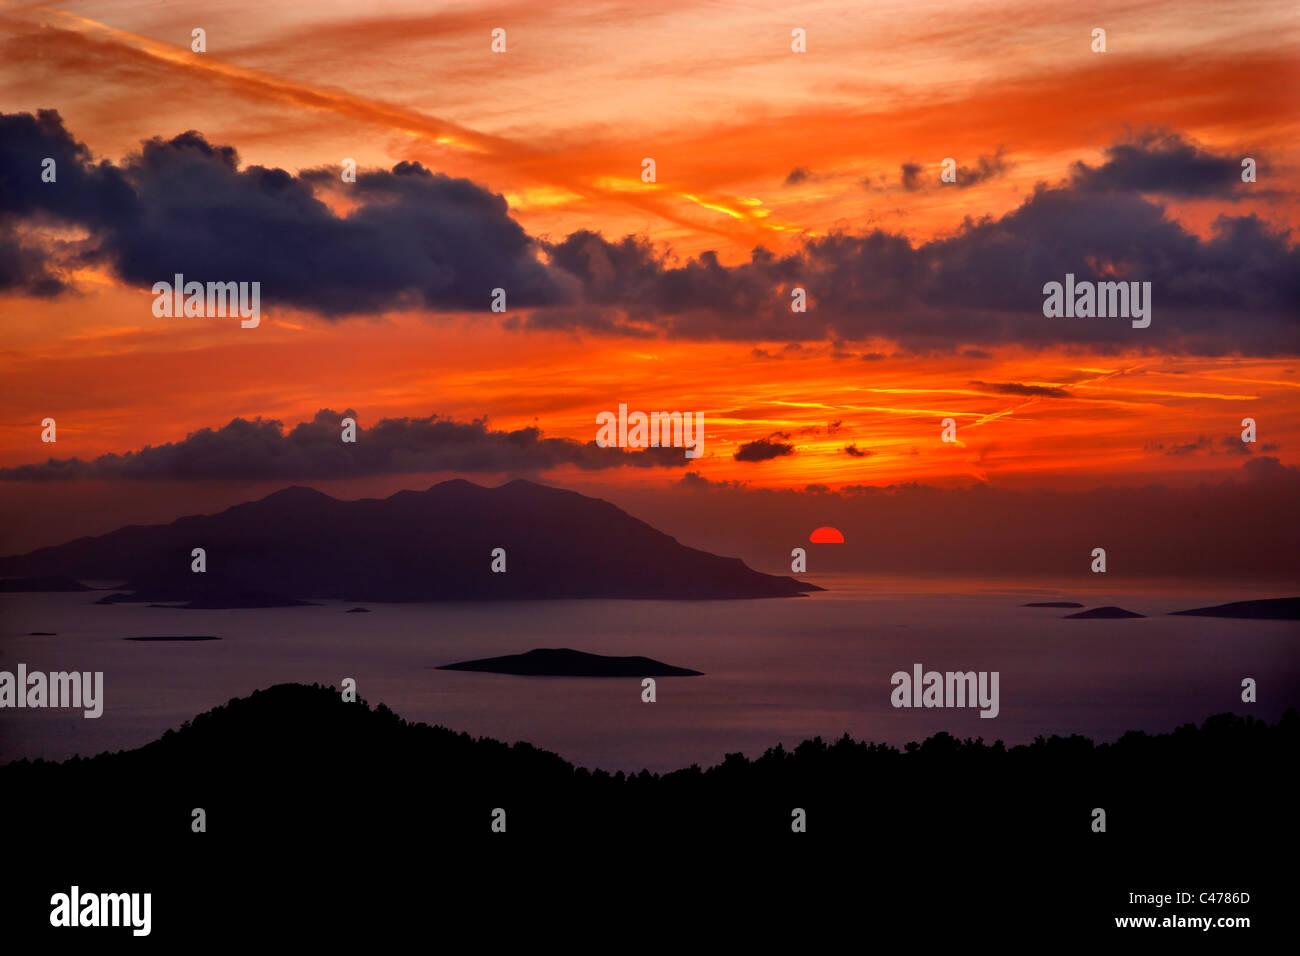 Tramonto foto da sudovest Rhodes, vicino al villaggio di Kritinia. La grande isola in background è di Chalki. Immagini Stock